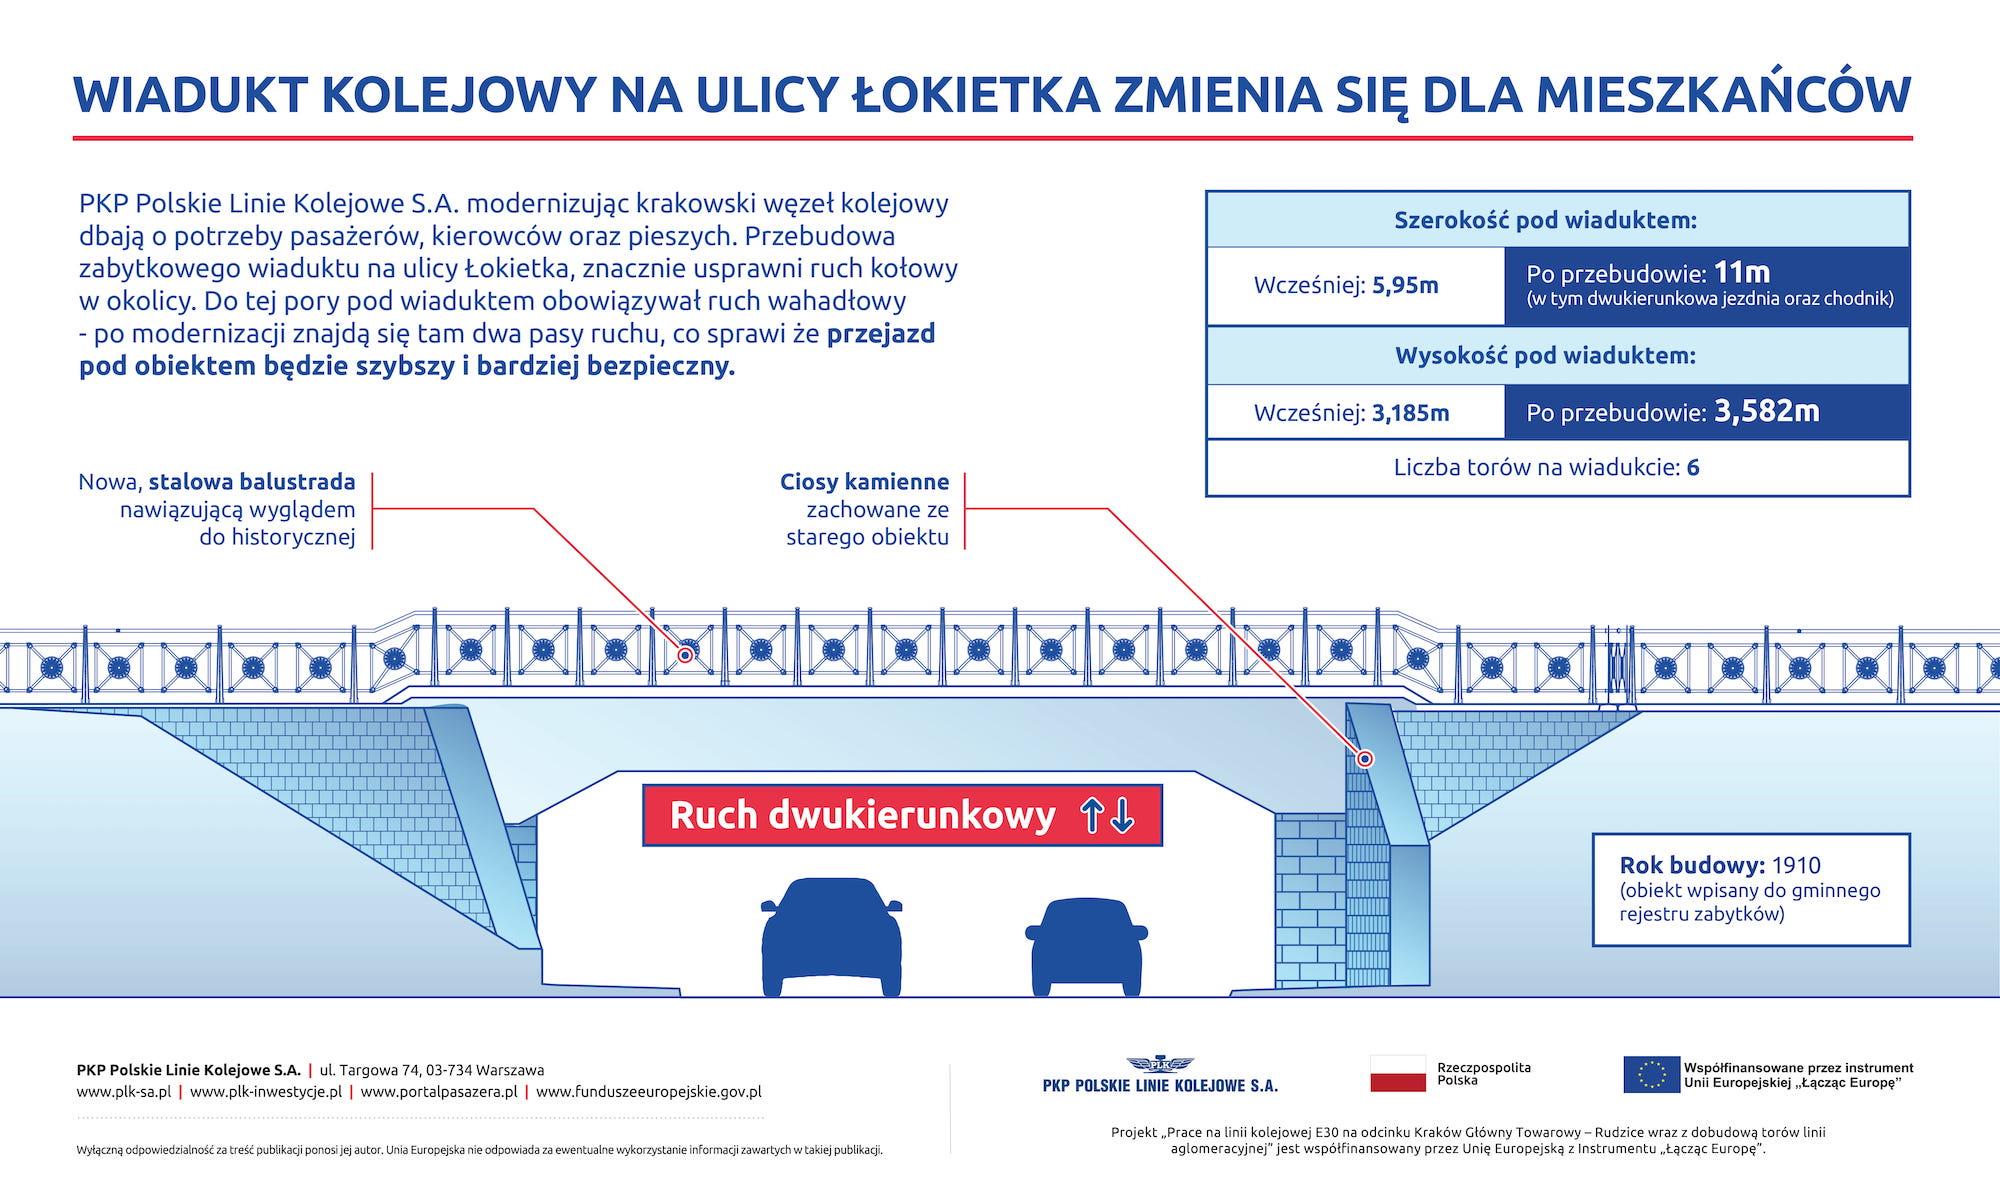 Infografika przedstawiająca jak będzie wyglądał wiadukt przy ul. Łokietka po przebudowie.